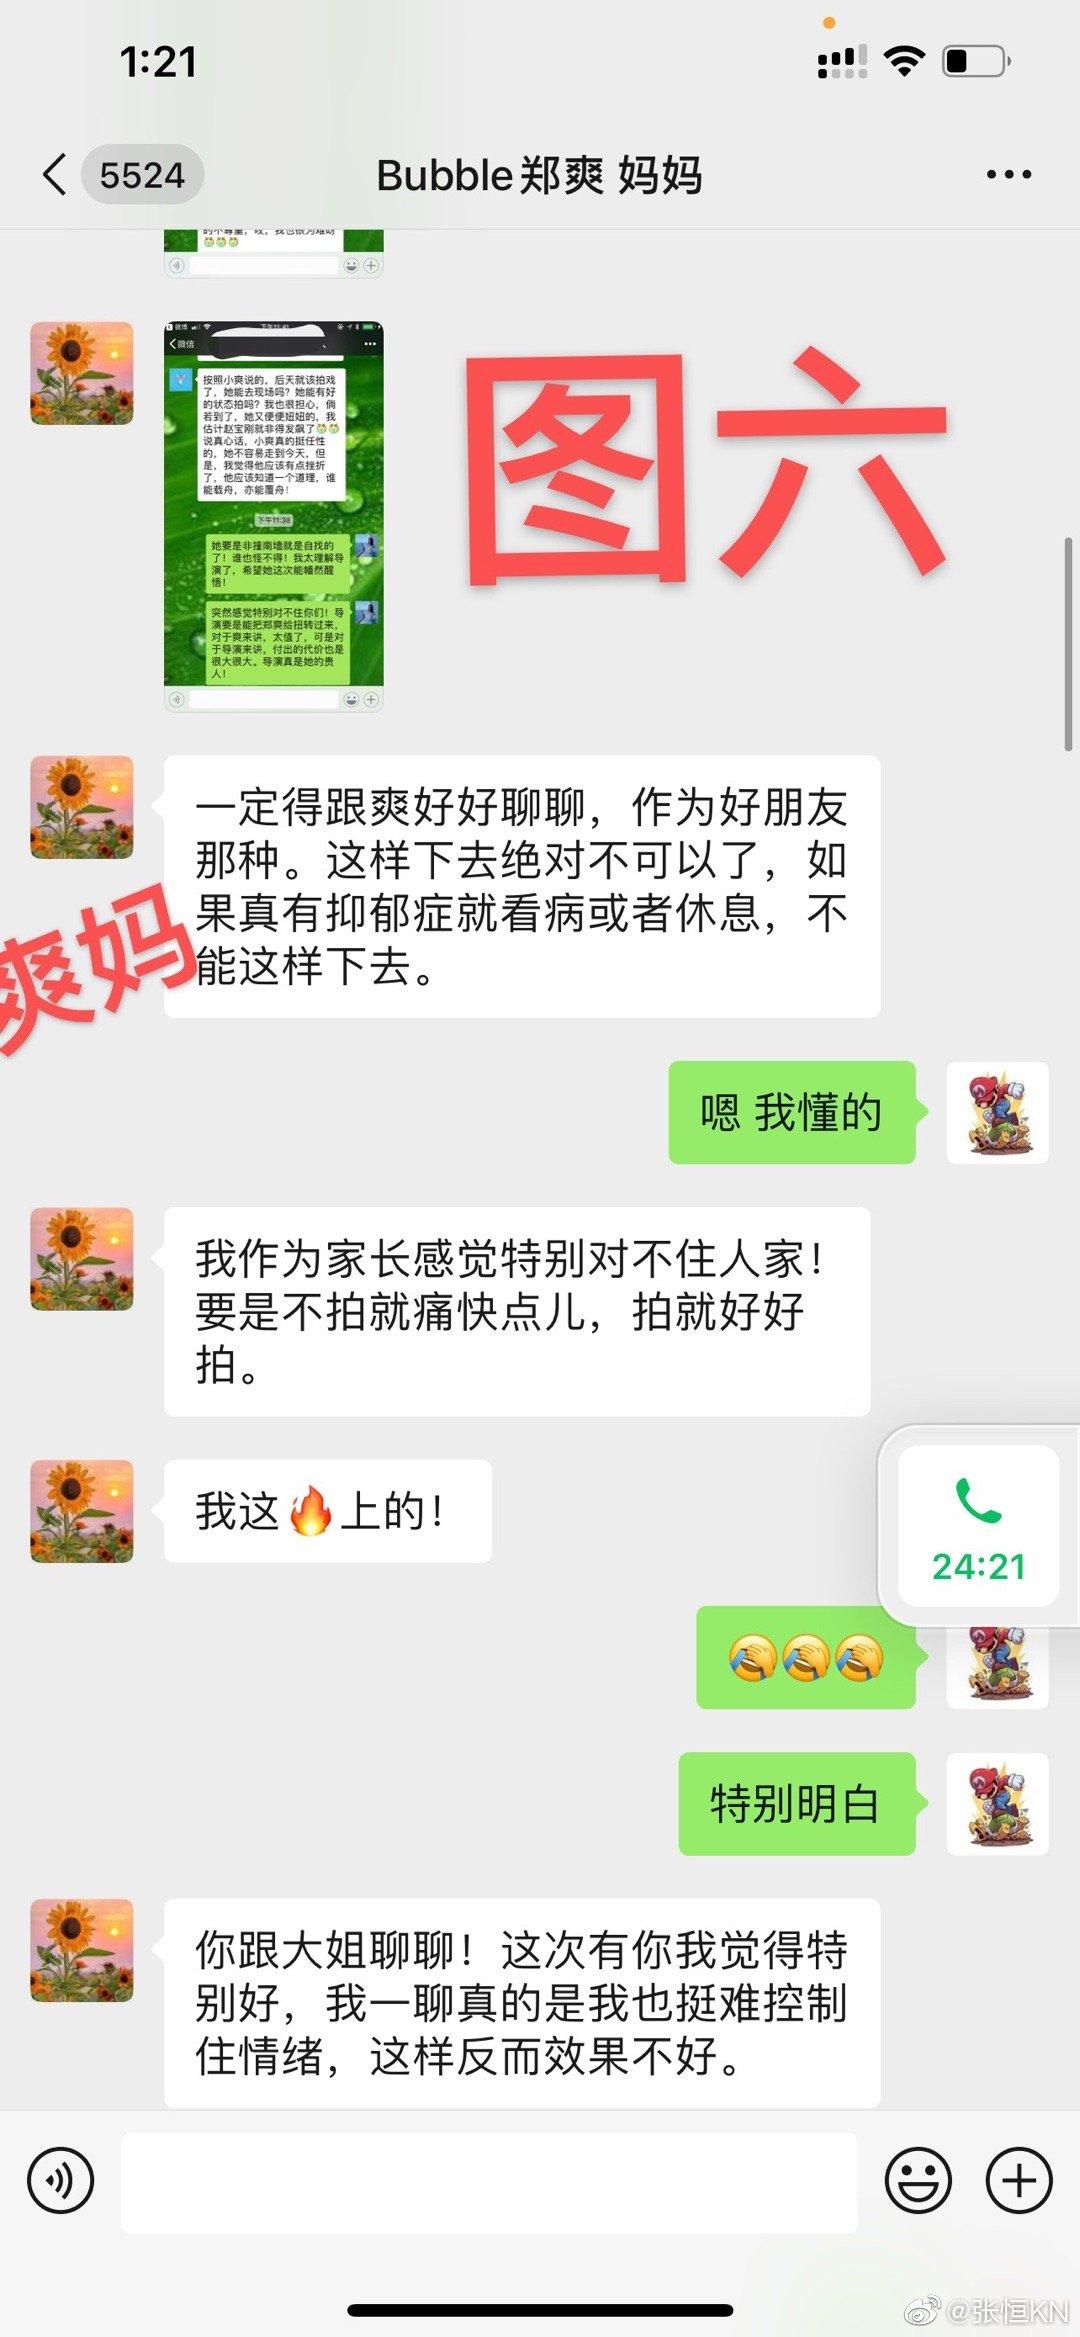 张恒发长文《致郑爽》 爆弃养/税务等问题 附张恒《致郑爽》全文